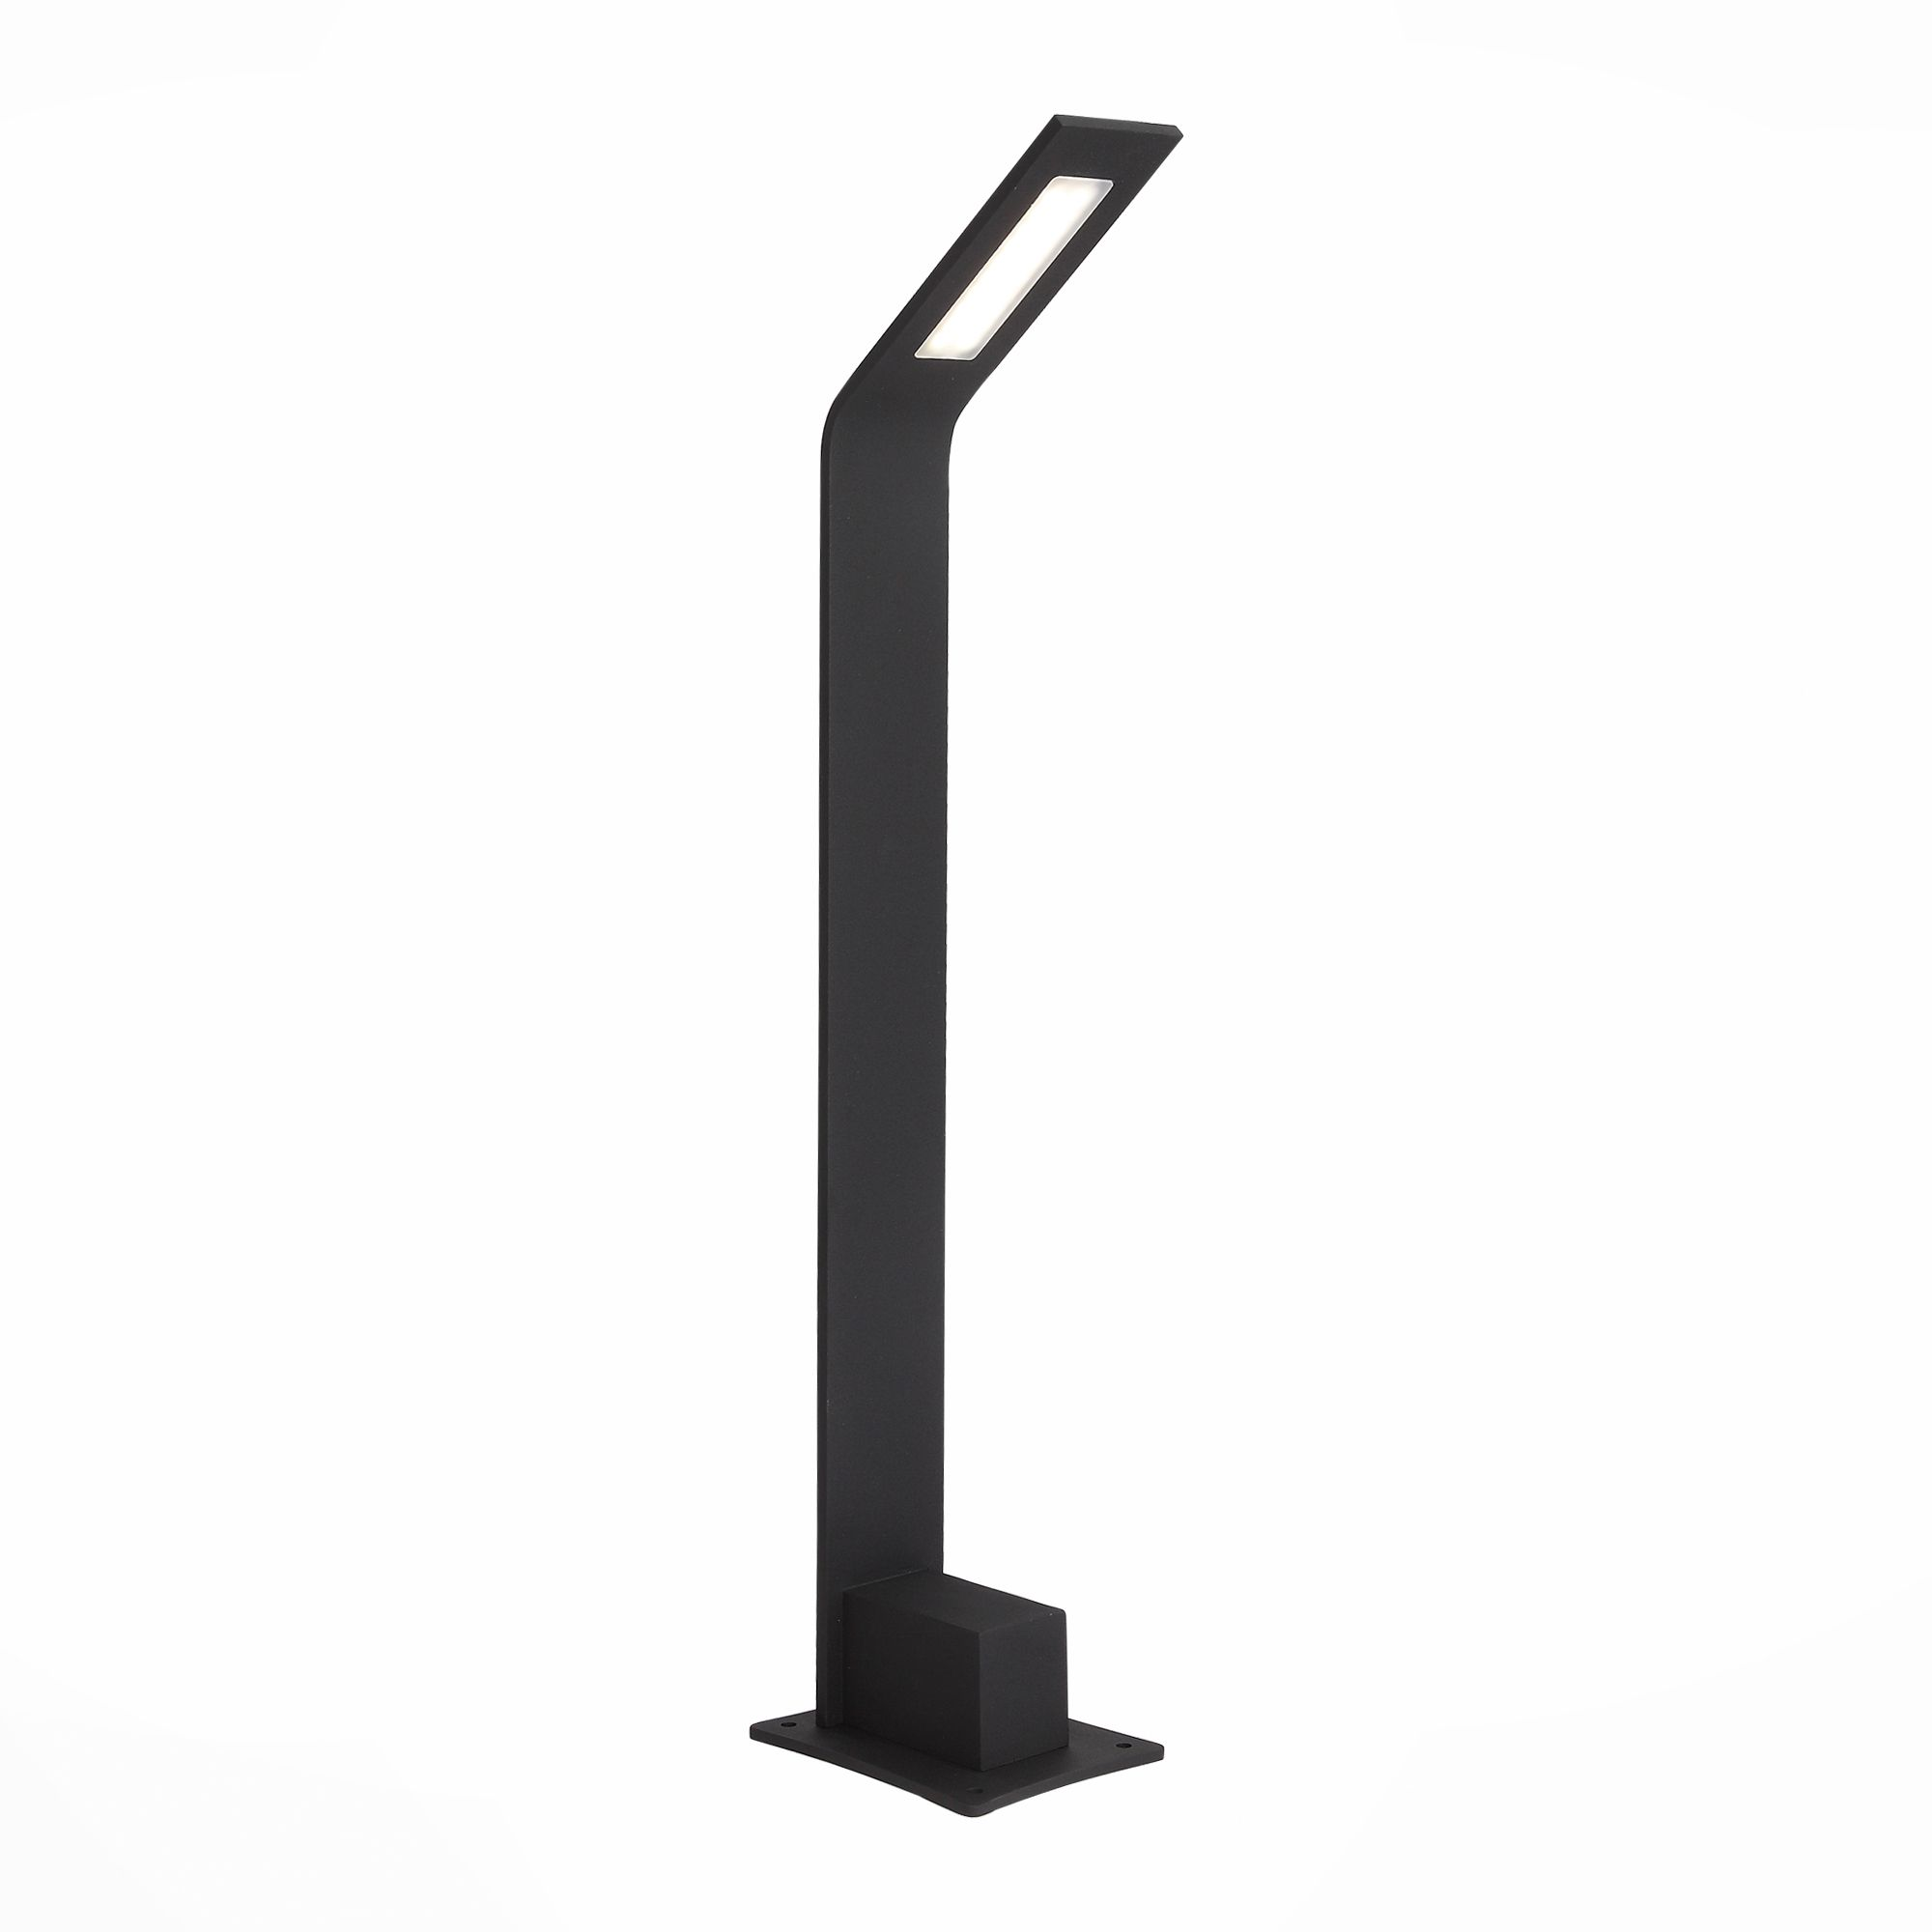 Светильник уличный наземный ST-Luce Черный/Черный LED 1*4W SL094.405.01